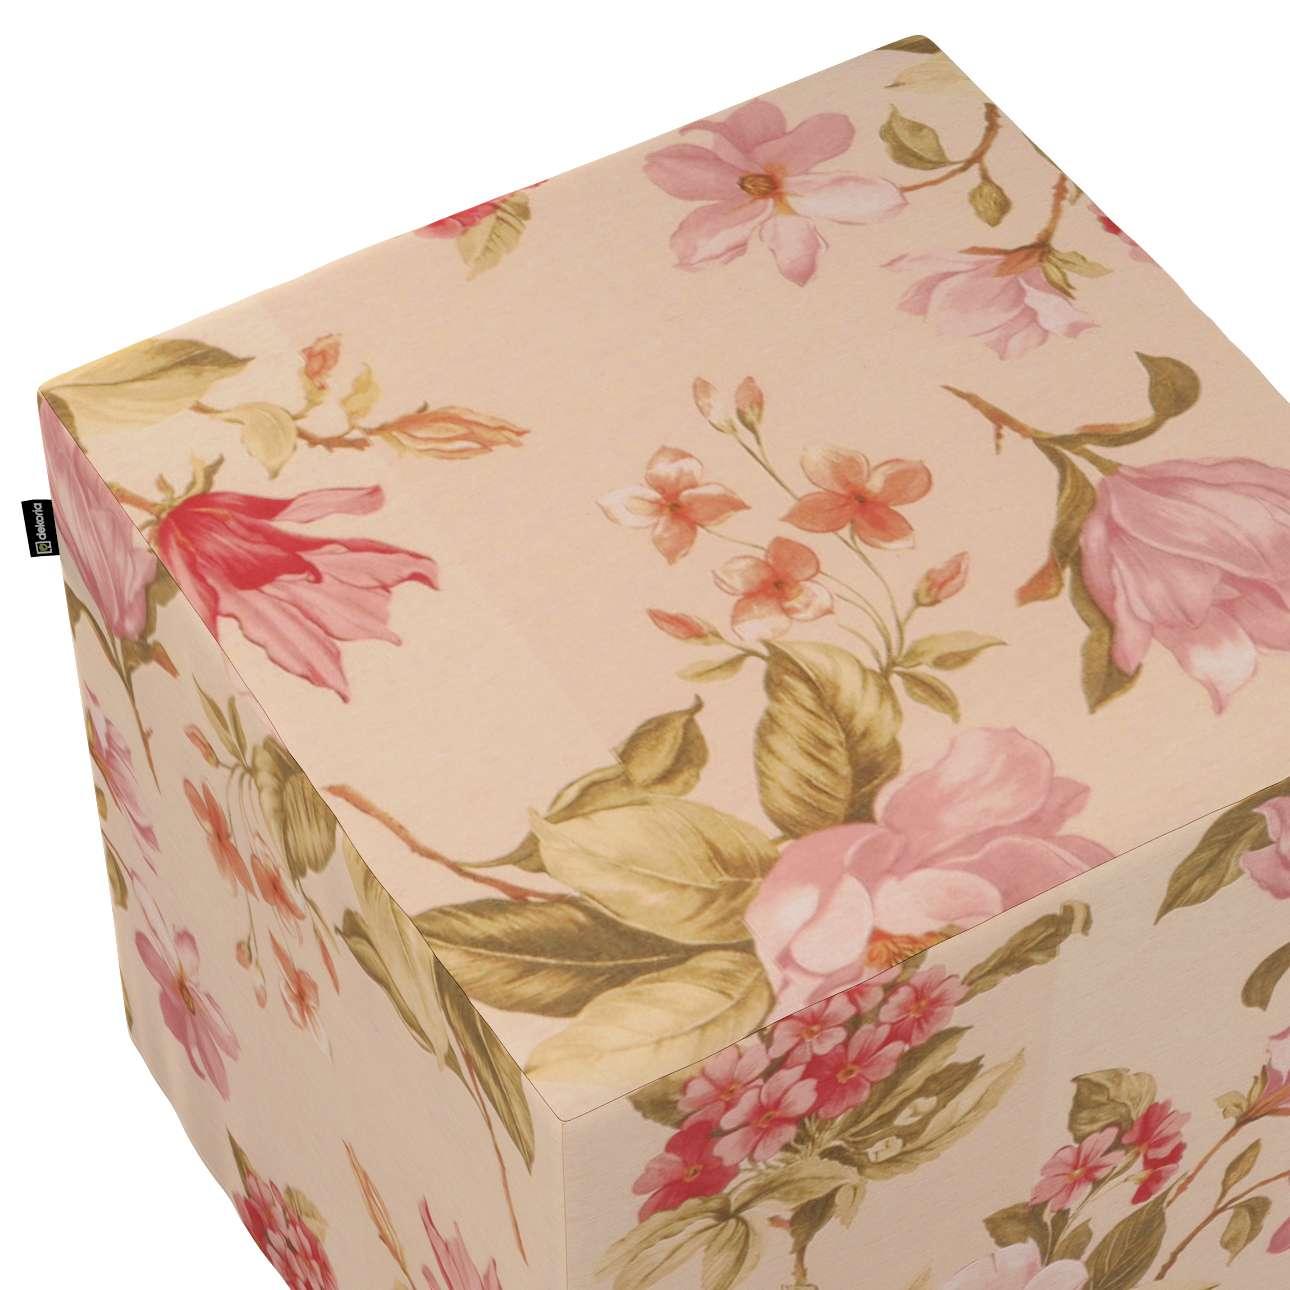 Taburetka tvrdá, kocka V kolekcii Londres, tkanina: 123-05